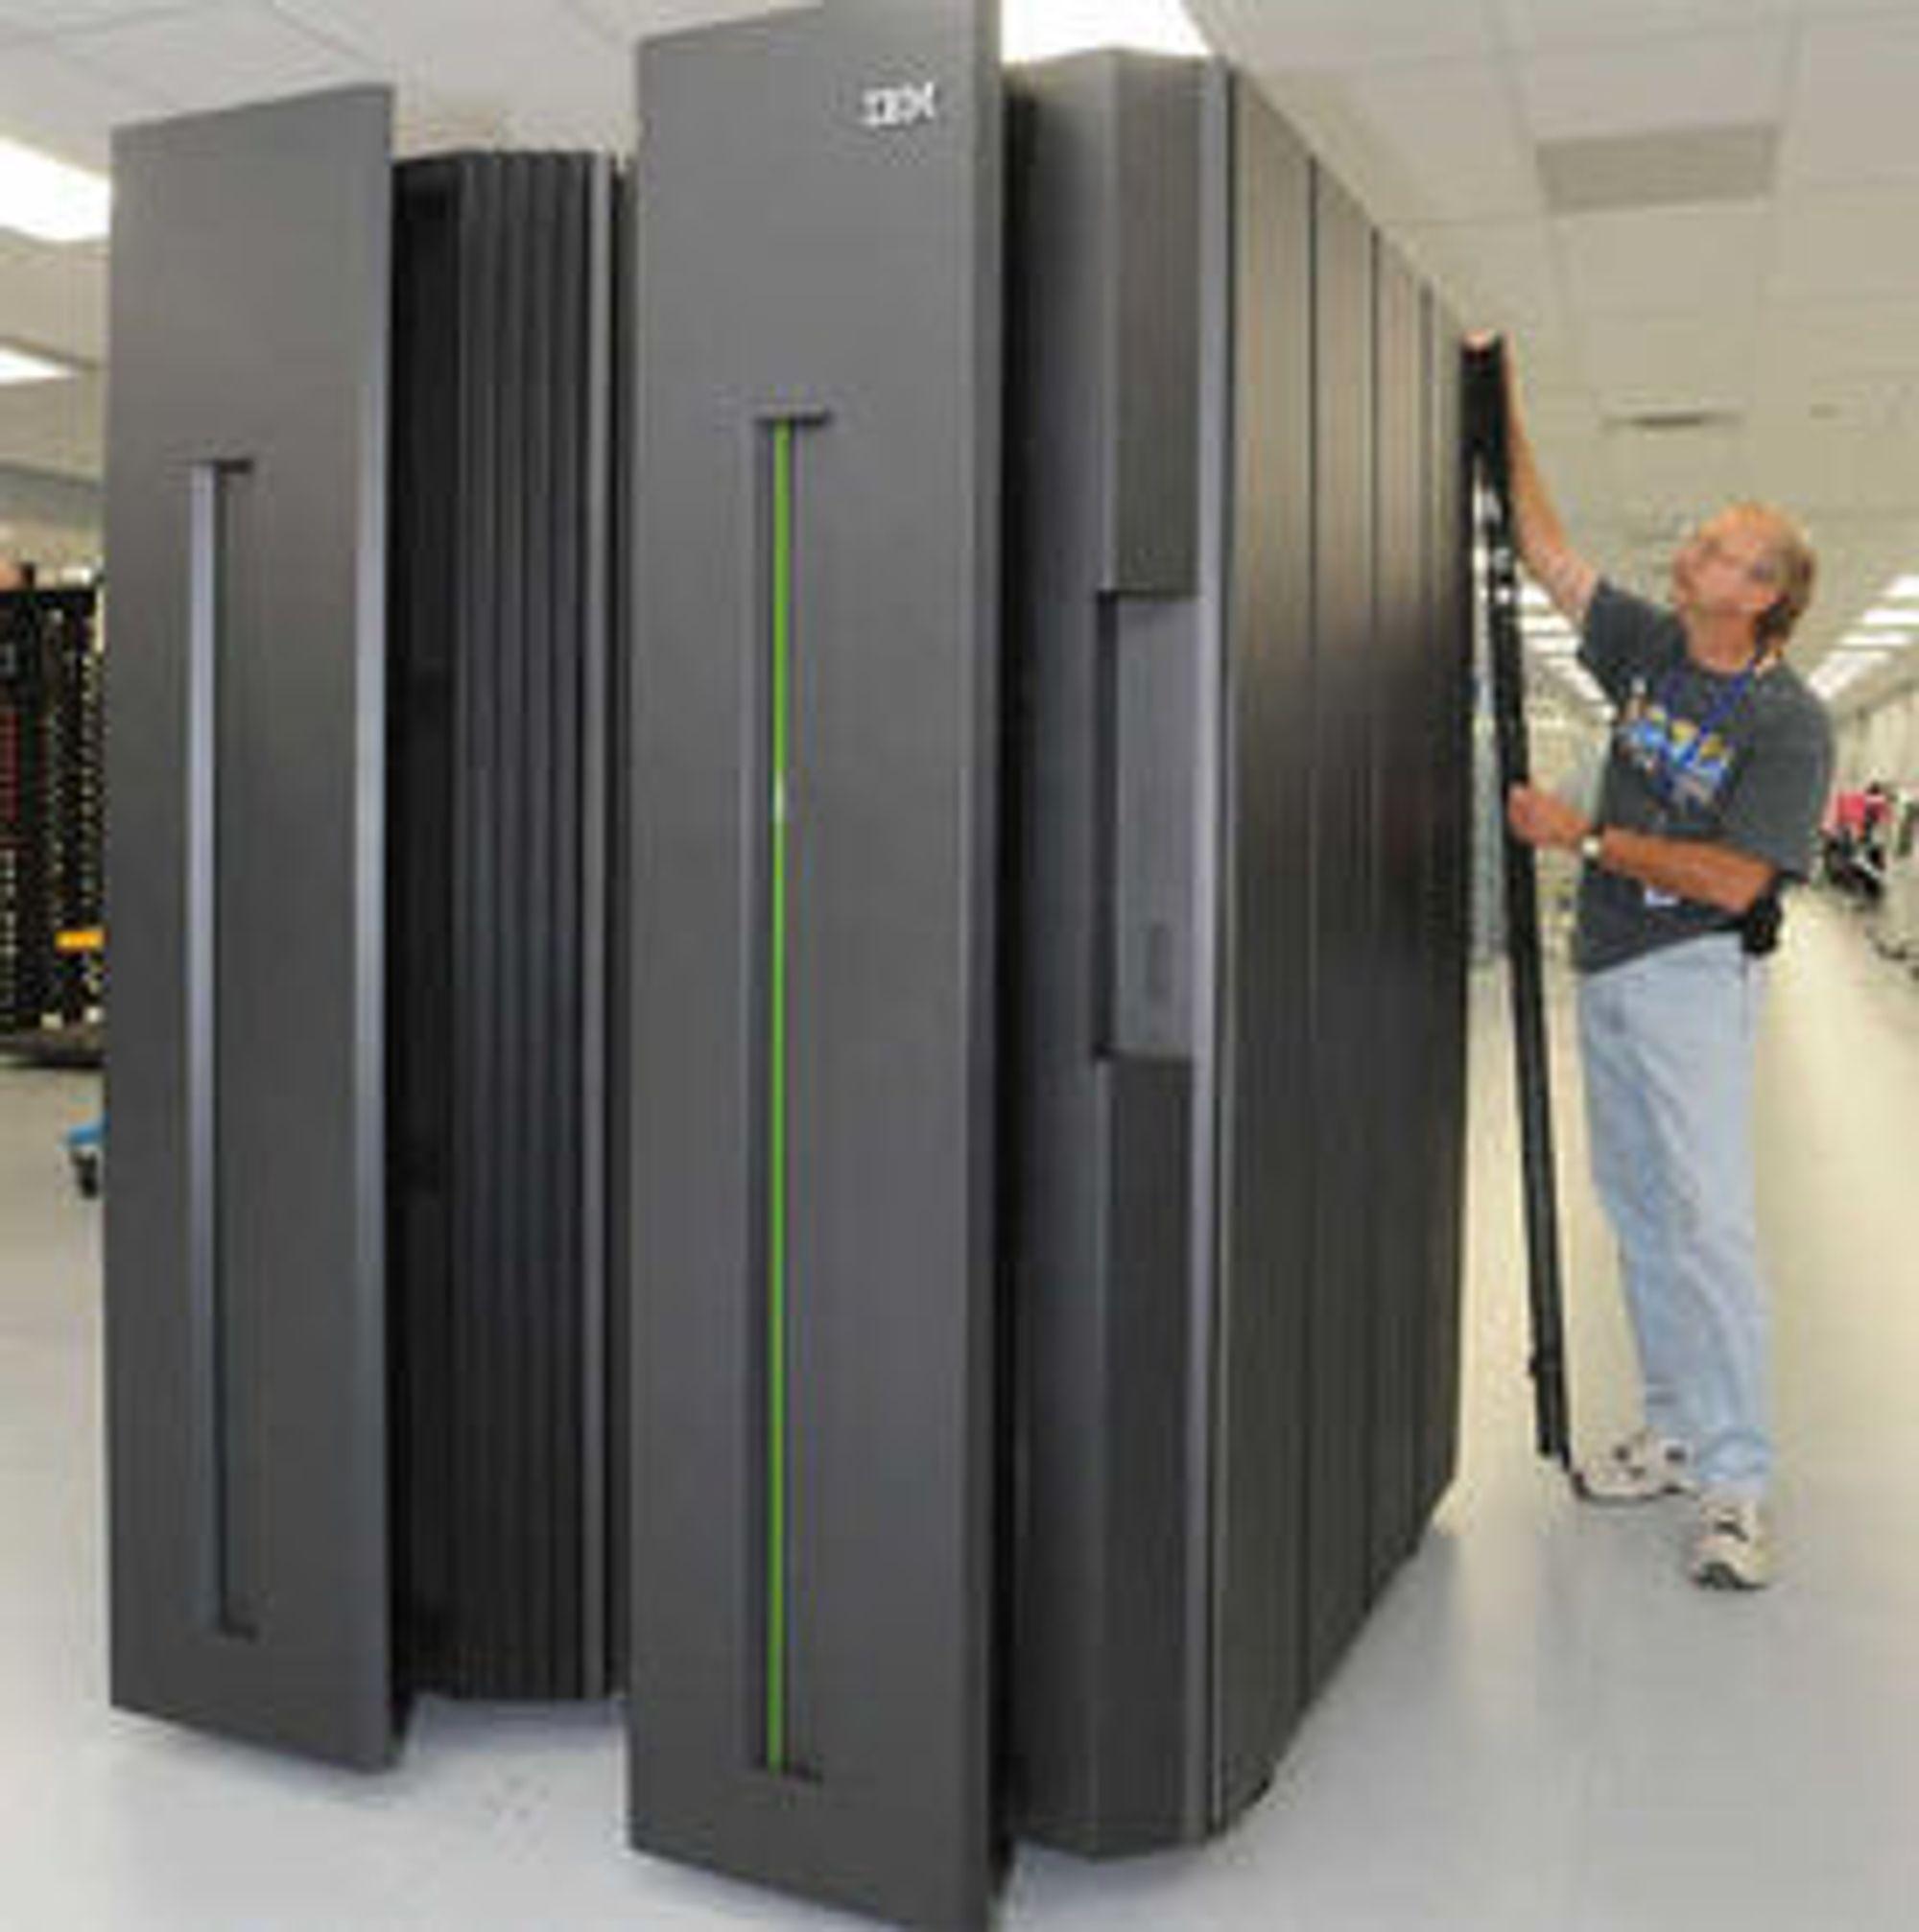 Stadig færre IBM-ere jobber i USA. Her blir en stormaskin klargjort ved selskapets produksjonsanlegg i delstaten New York.